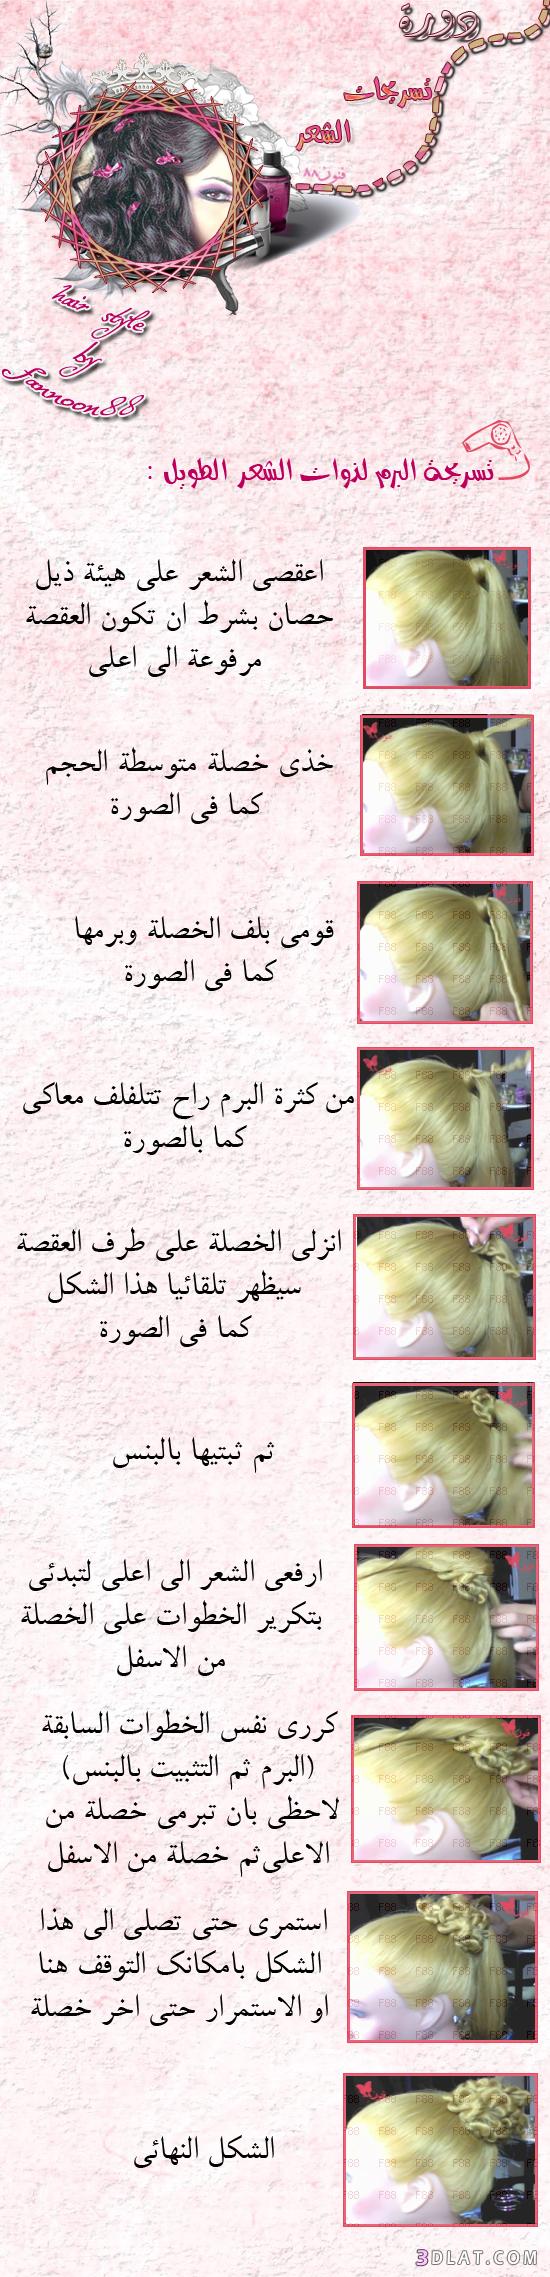 تسريحة البرم لذوات الشعر الطويل 13432937844.png